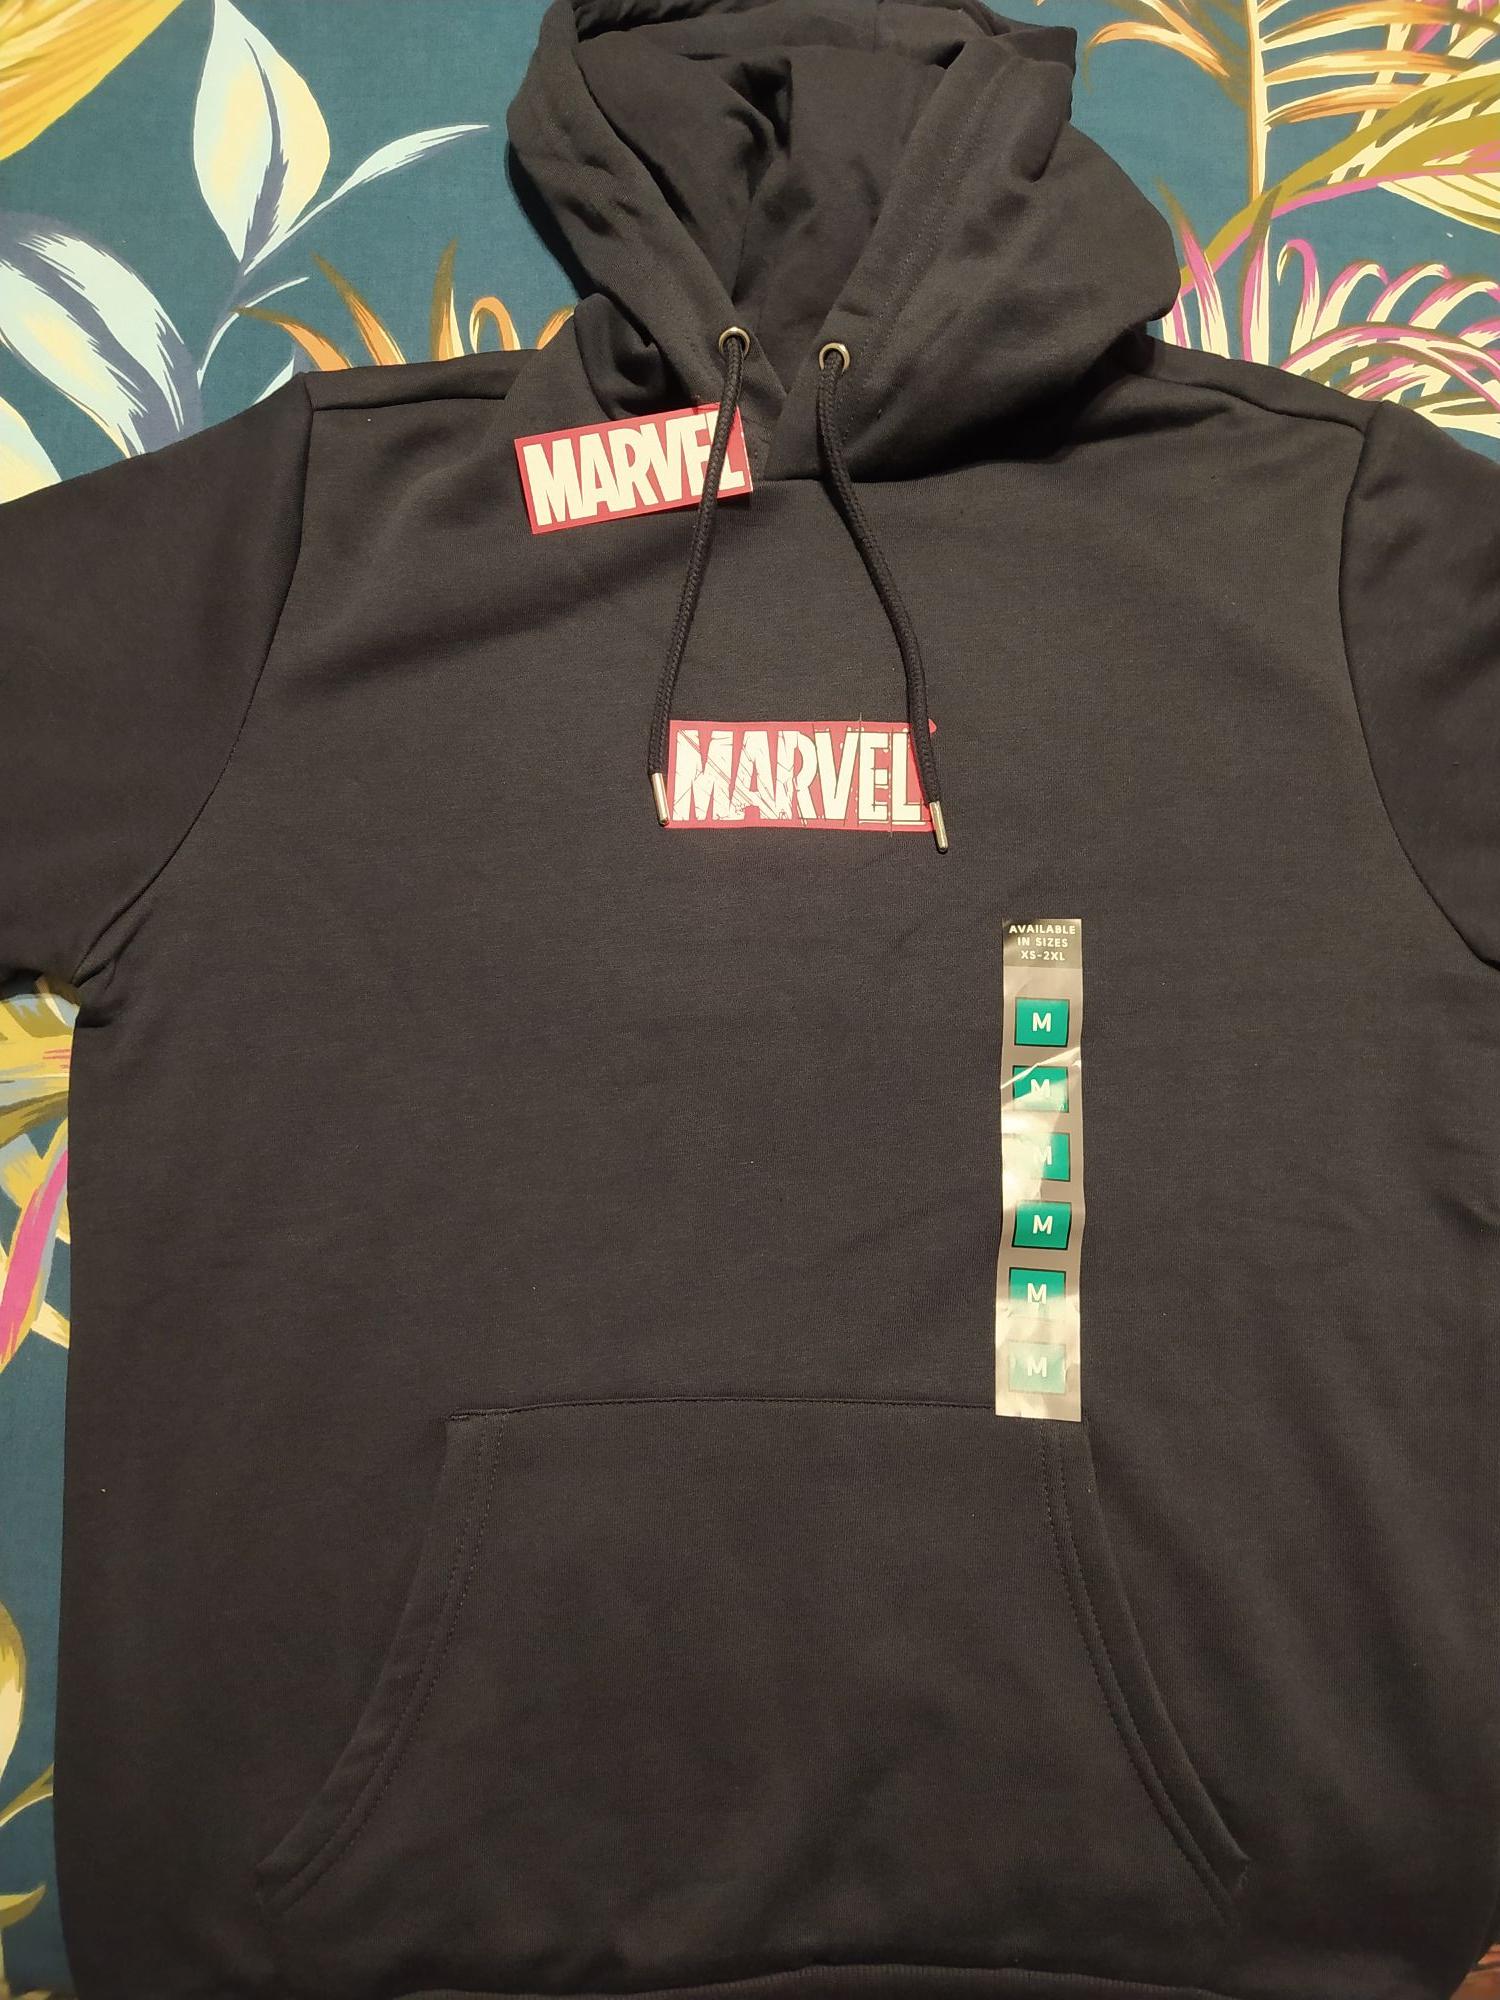 Sudadera de licencia Marvel en Primark de CC Nueva Condomina en Murcia